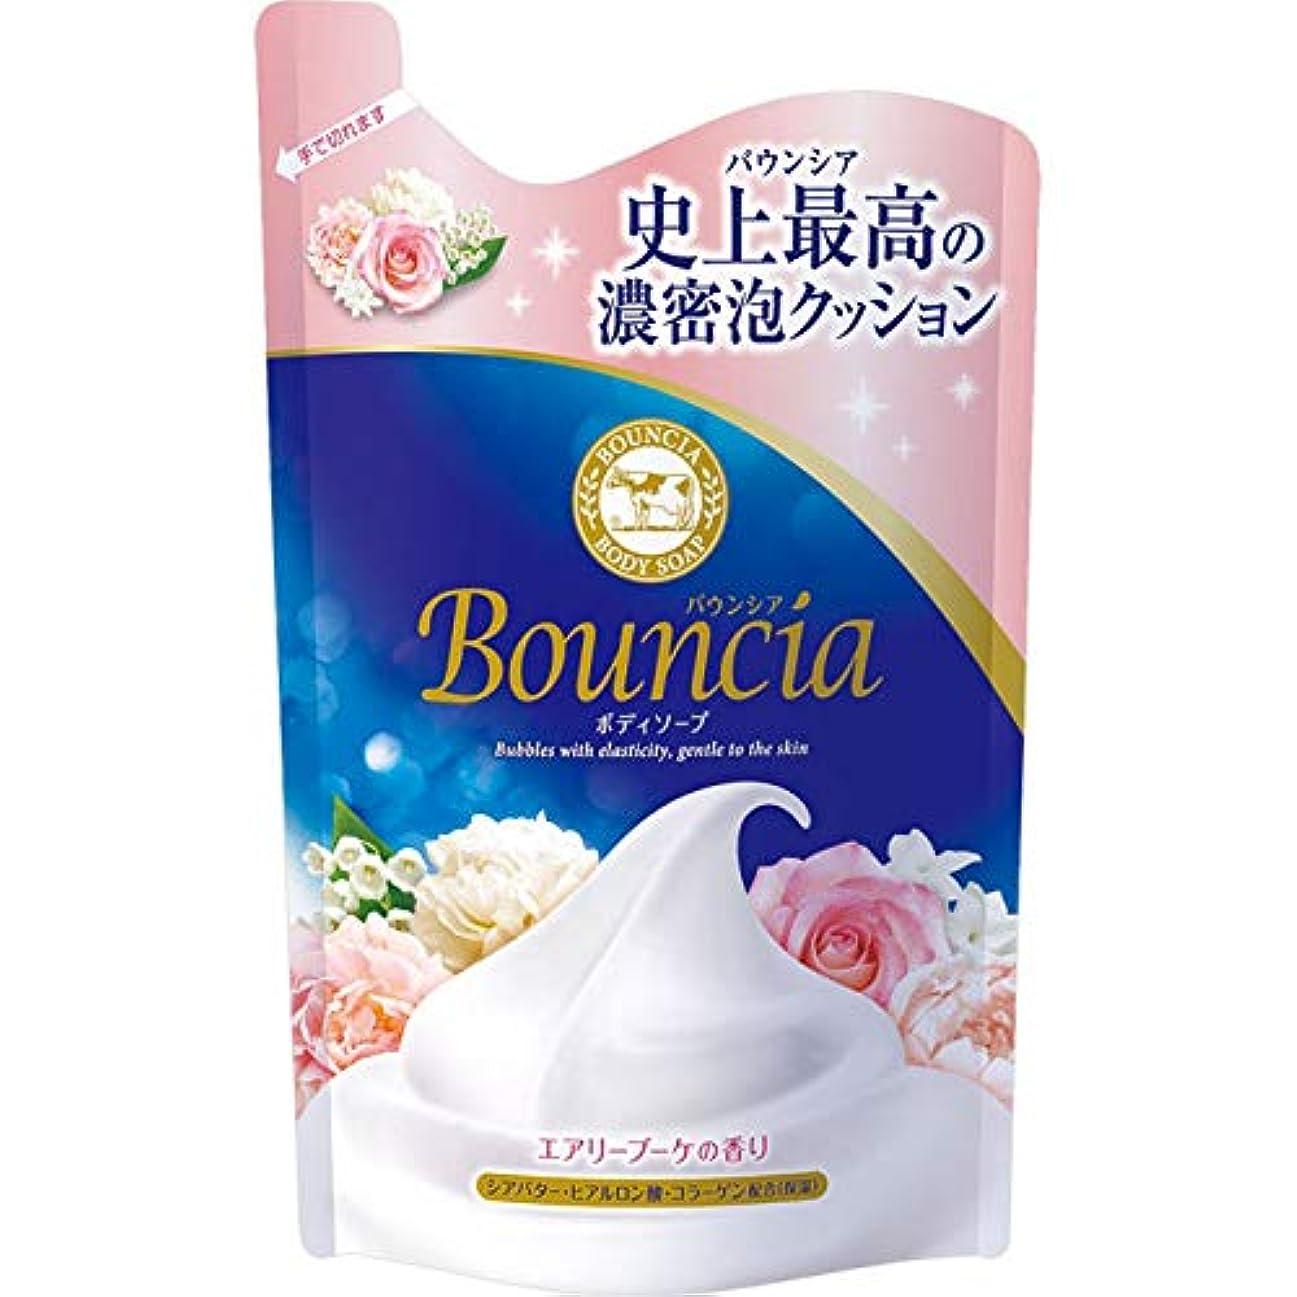 バングラデシュ衝動重要な役割を果たす、中心的な手段となるバウンシアボディソープ エアリーブーケの香り 詰替用?400mL × 4個セット